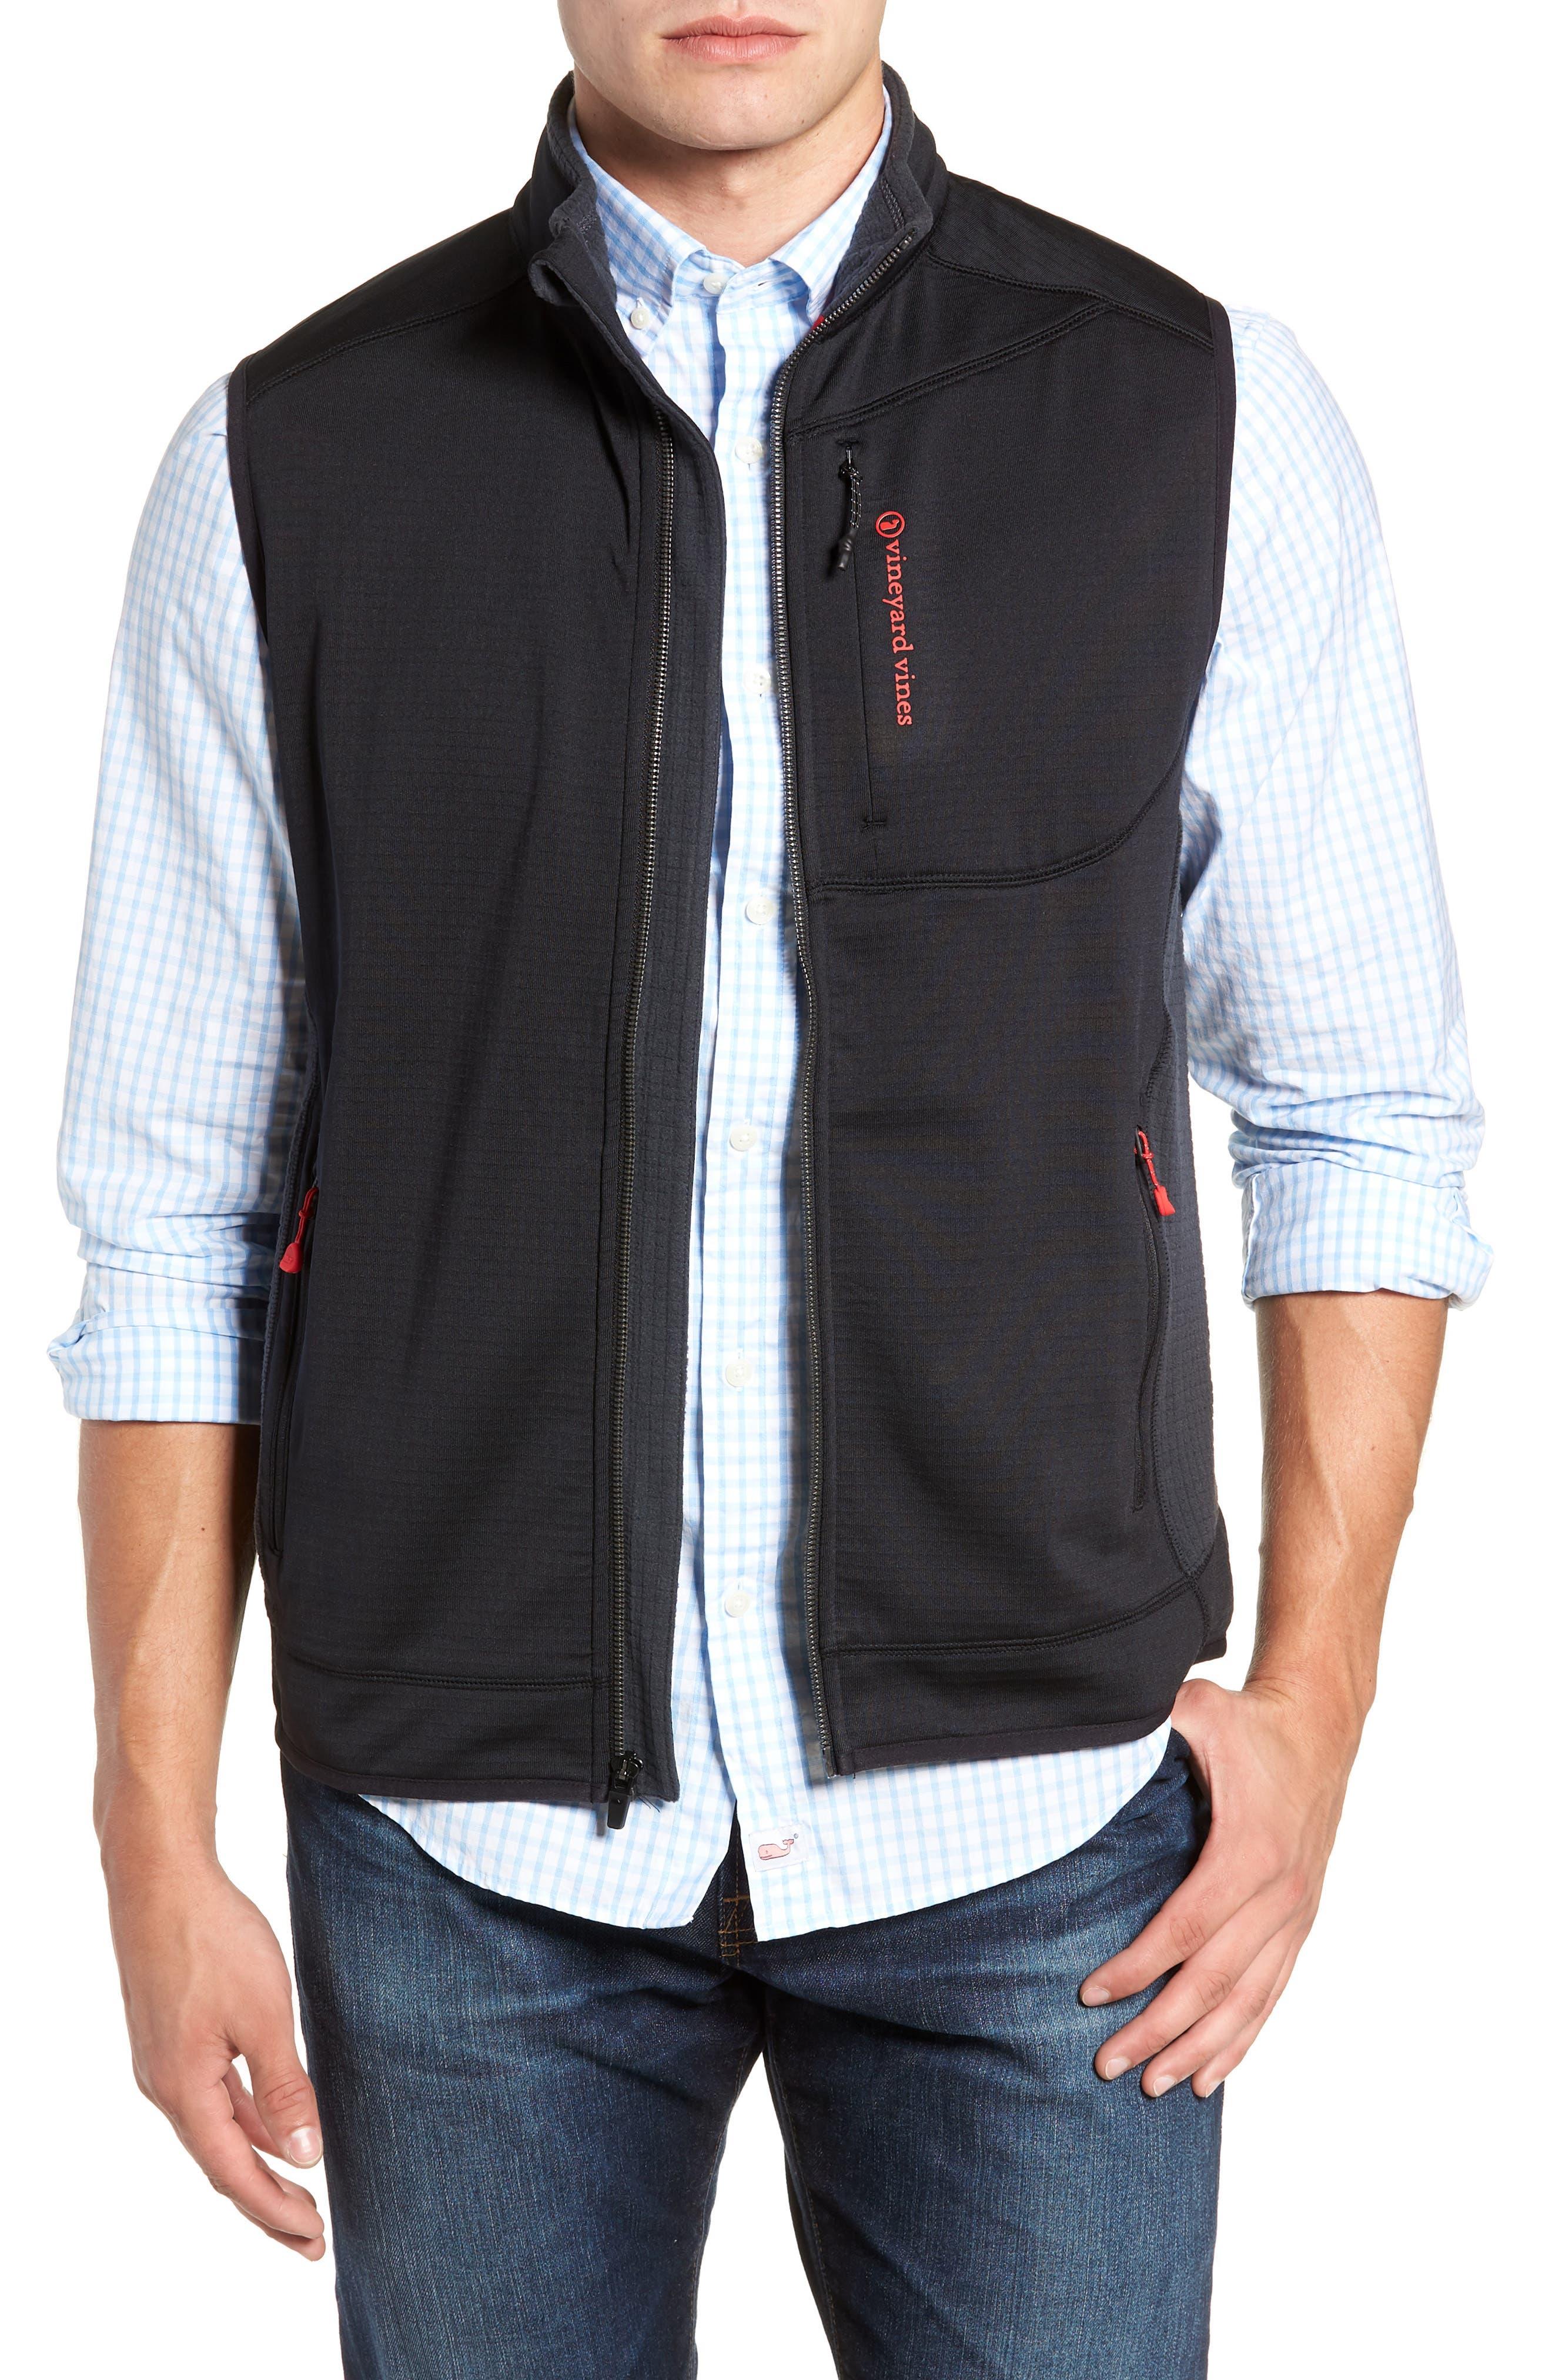 Grid Ripstop Fleece Vest,                             Main thumbnail 1, color,                             002